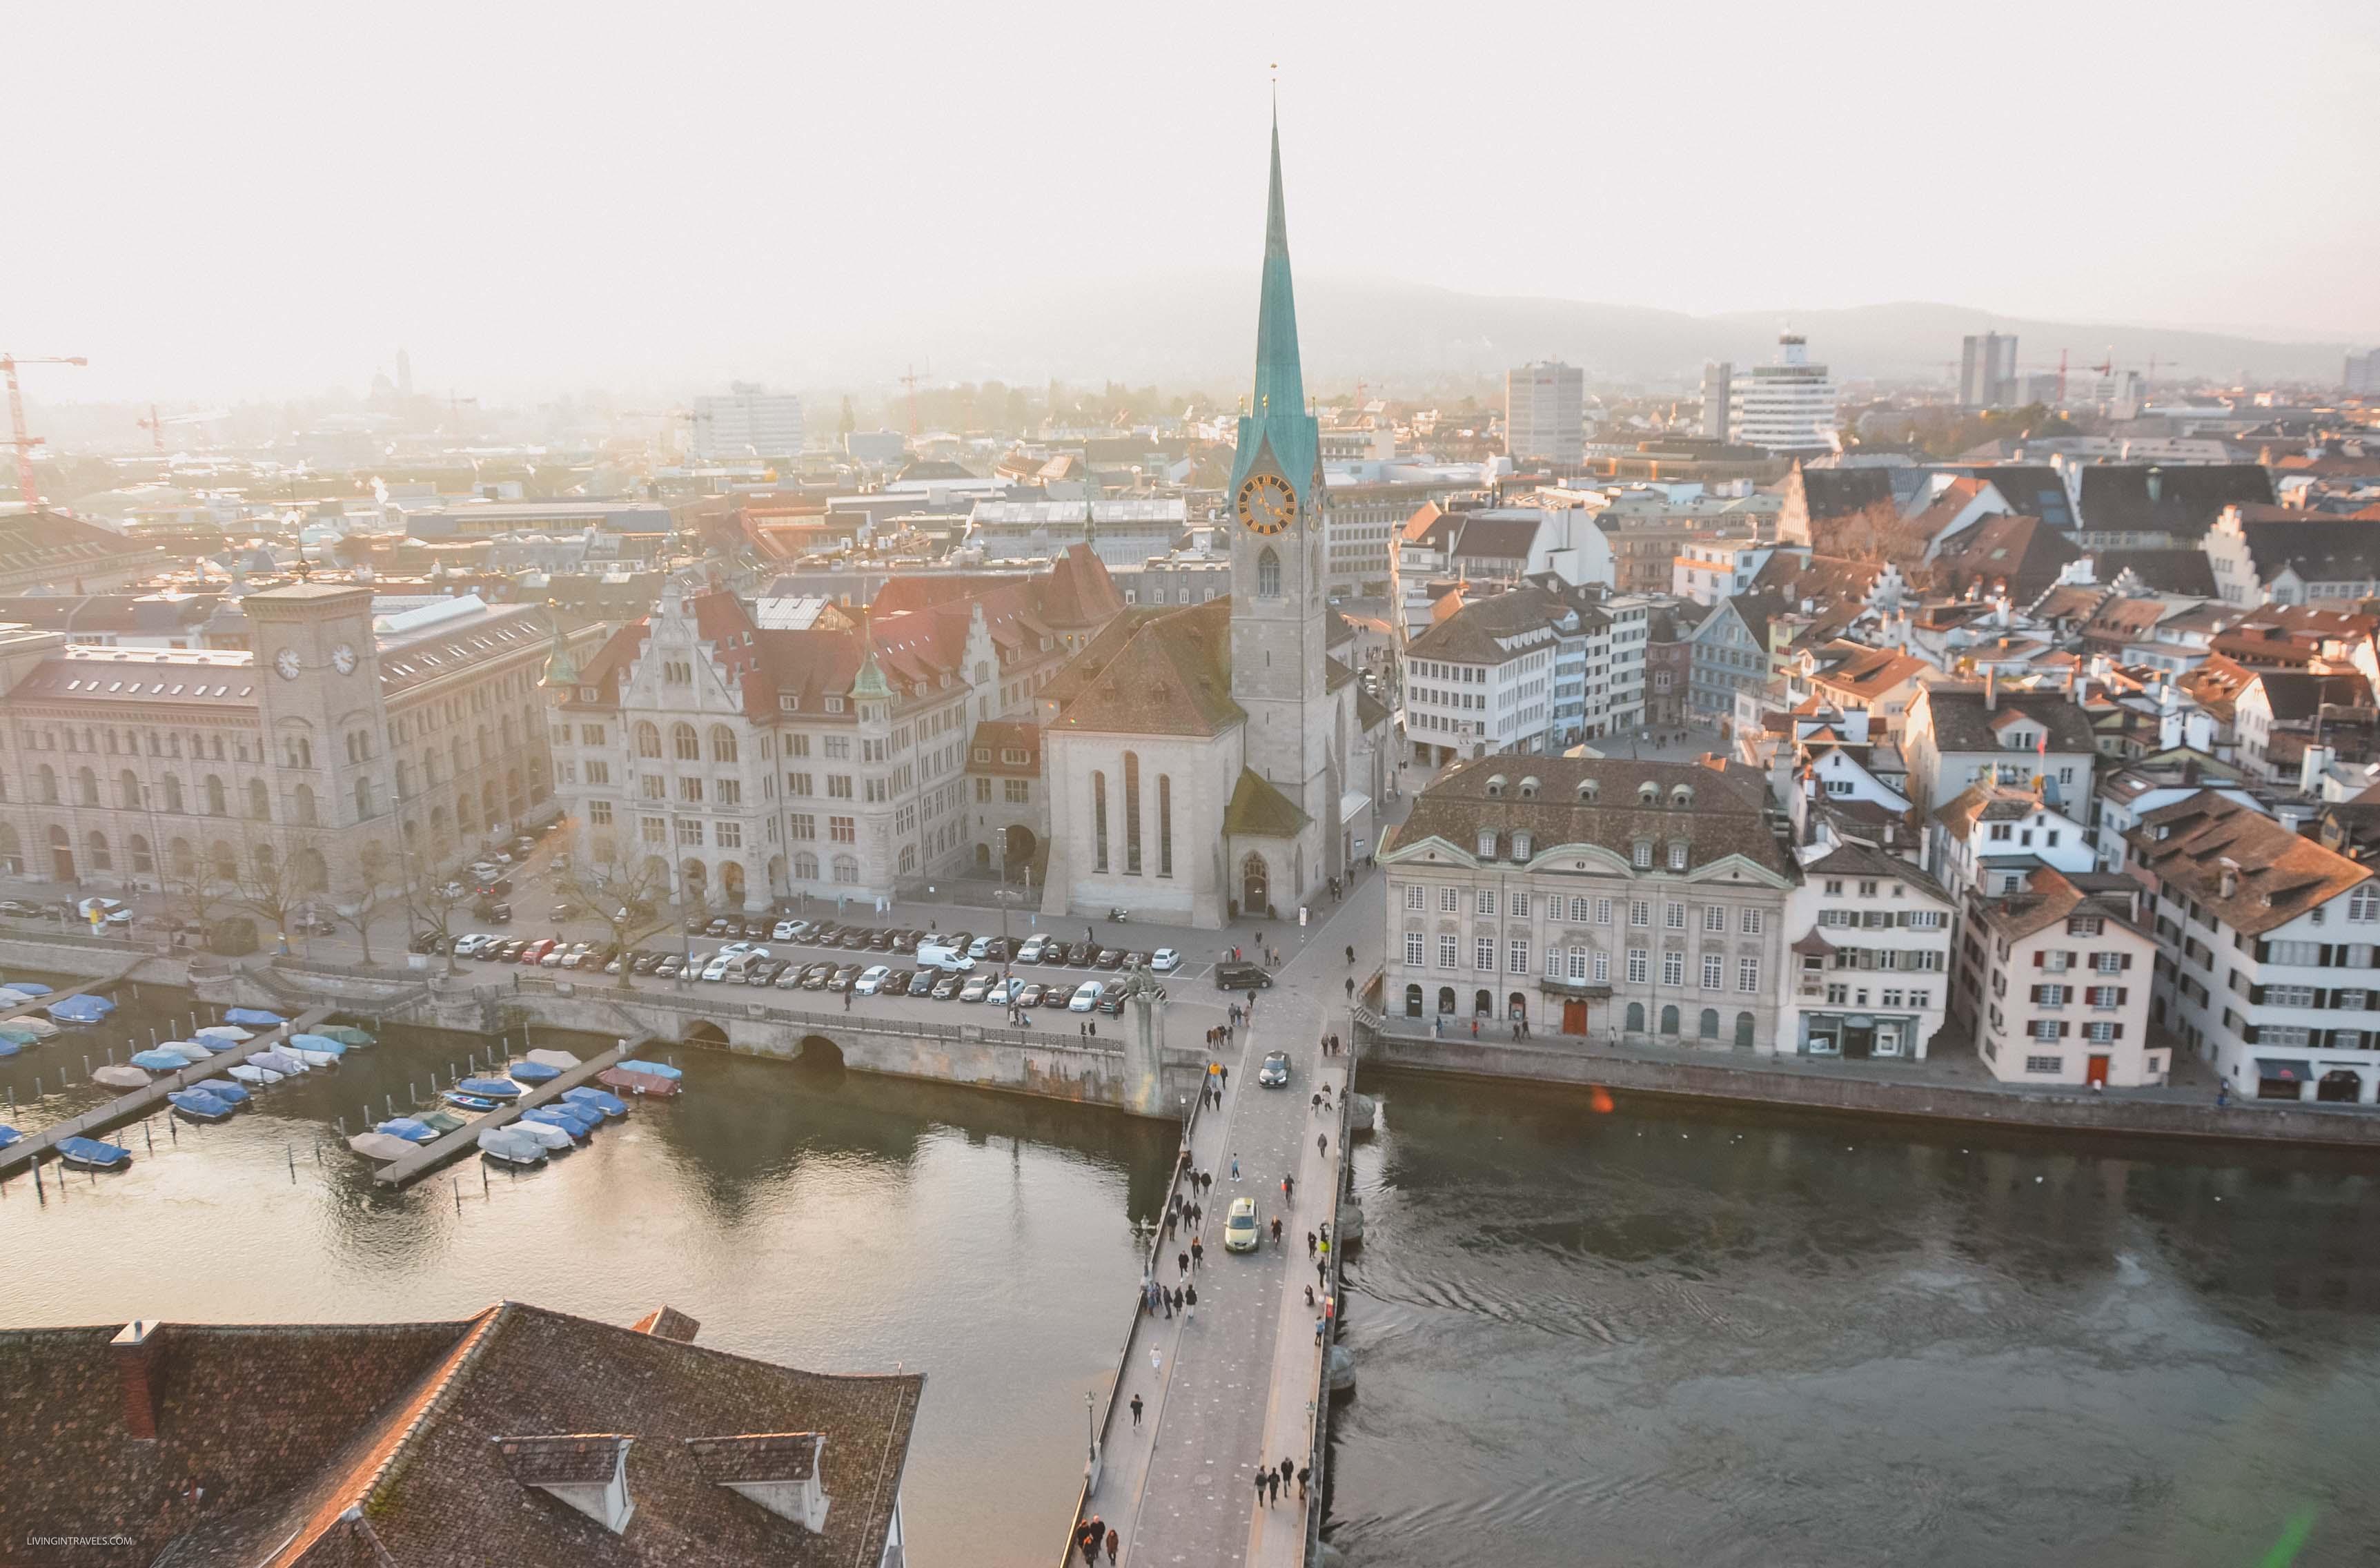 Вид на город с башни церкви Гроссмюнстер. Швейцария: Цюрих и окрестности за 48 часов